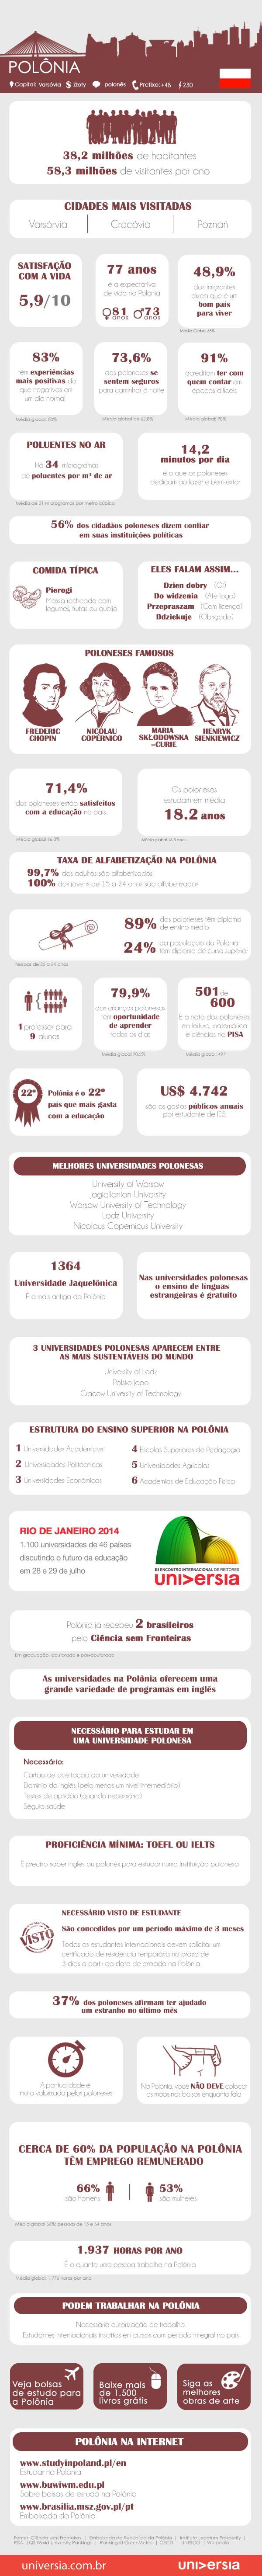 Infográfico: 40 coisas que você deve saber antes de estudar e trabalhar na Polônia